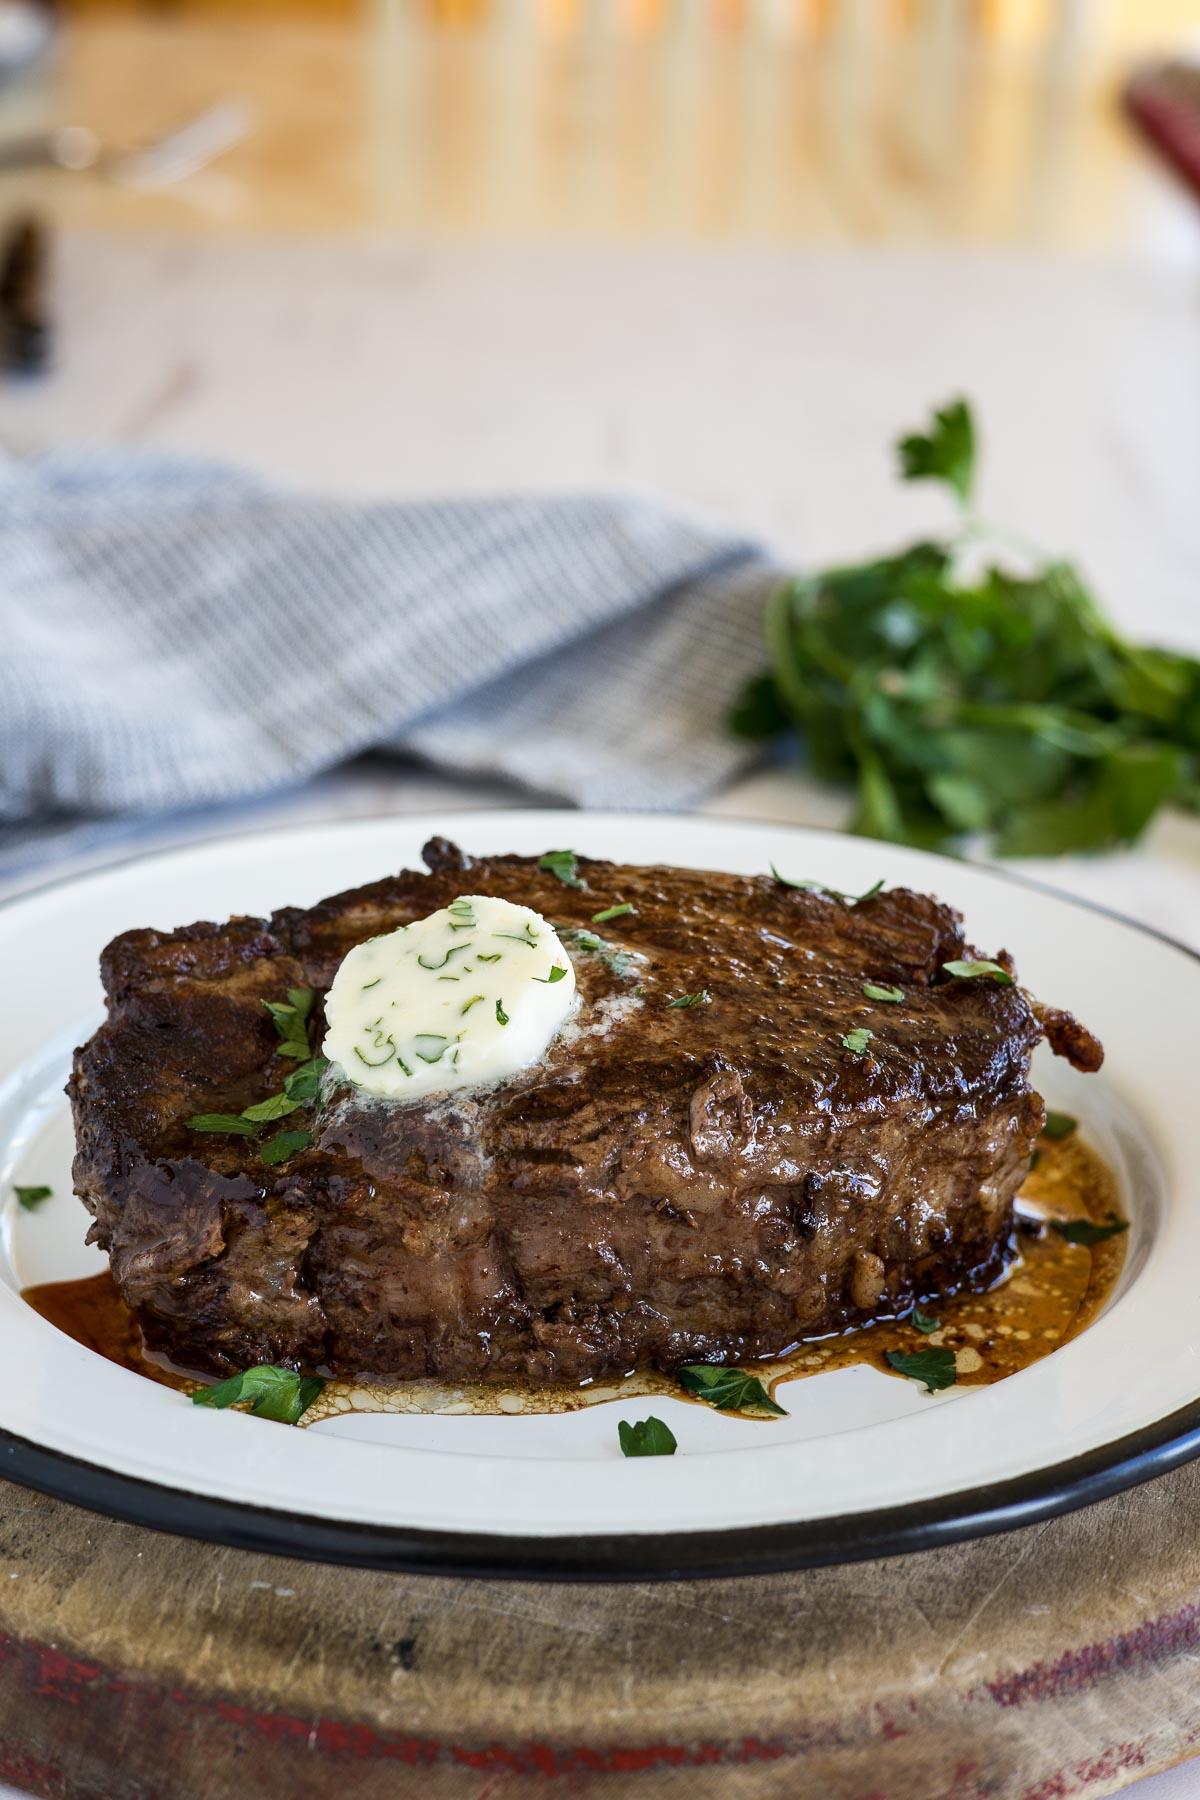 Beef tenderloin steak with butter.